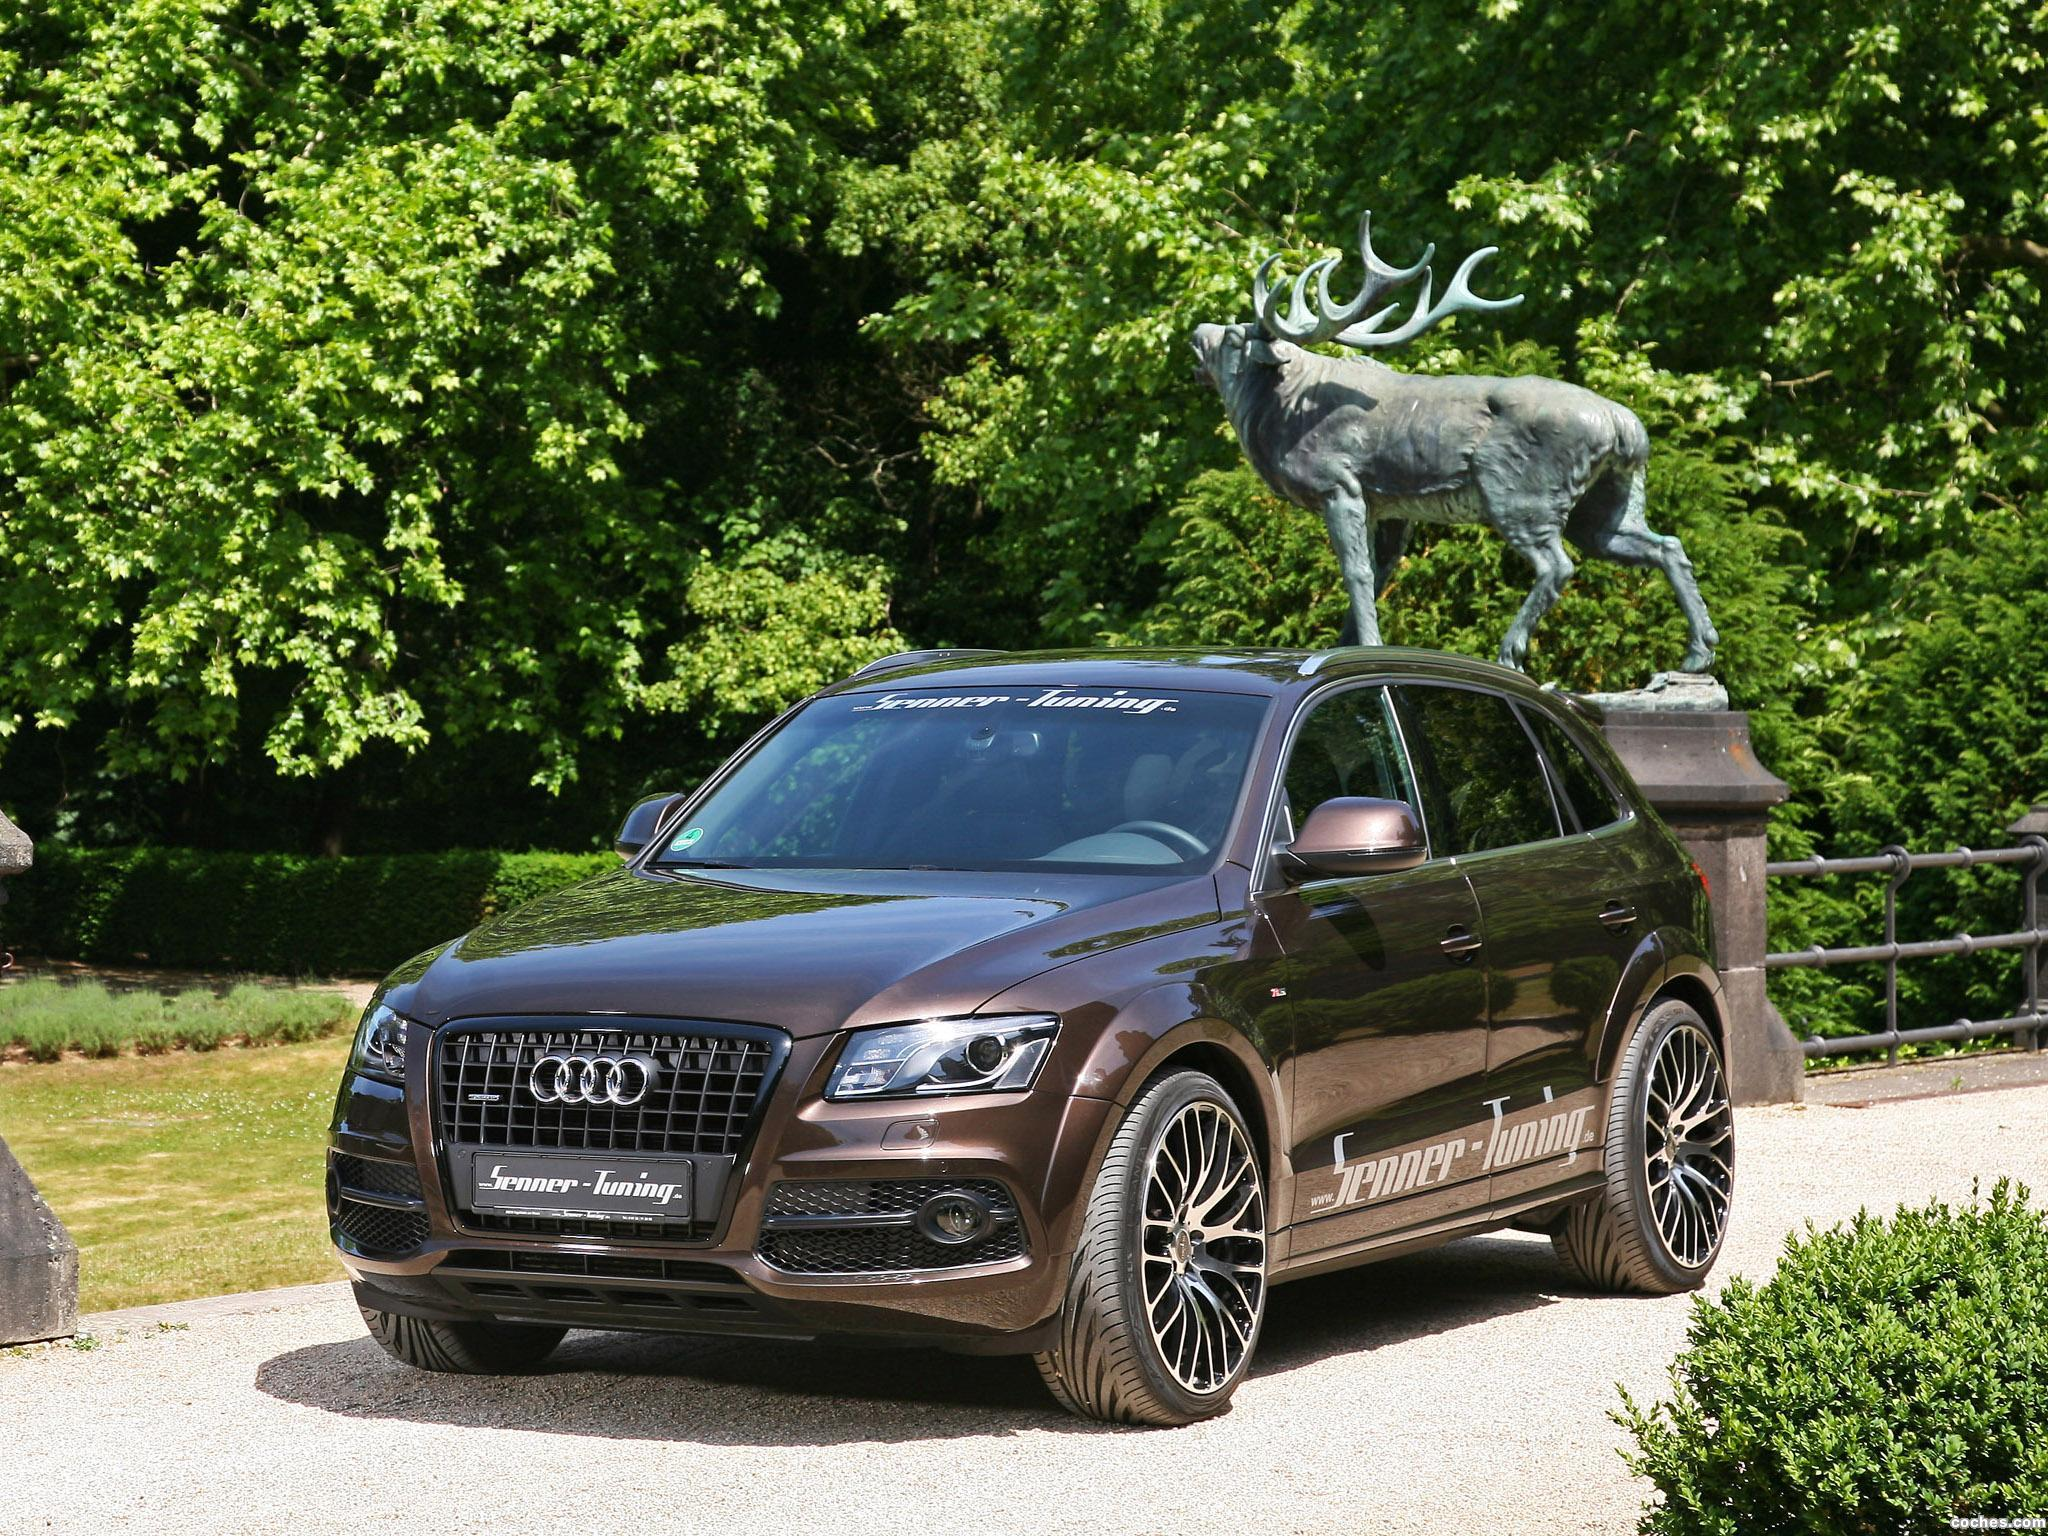 Foto 11 de Senner Audi Q5 2011